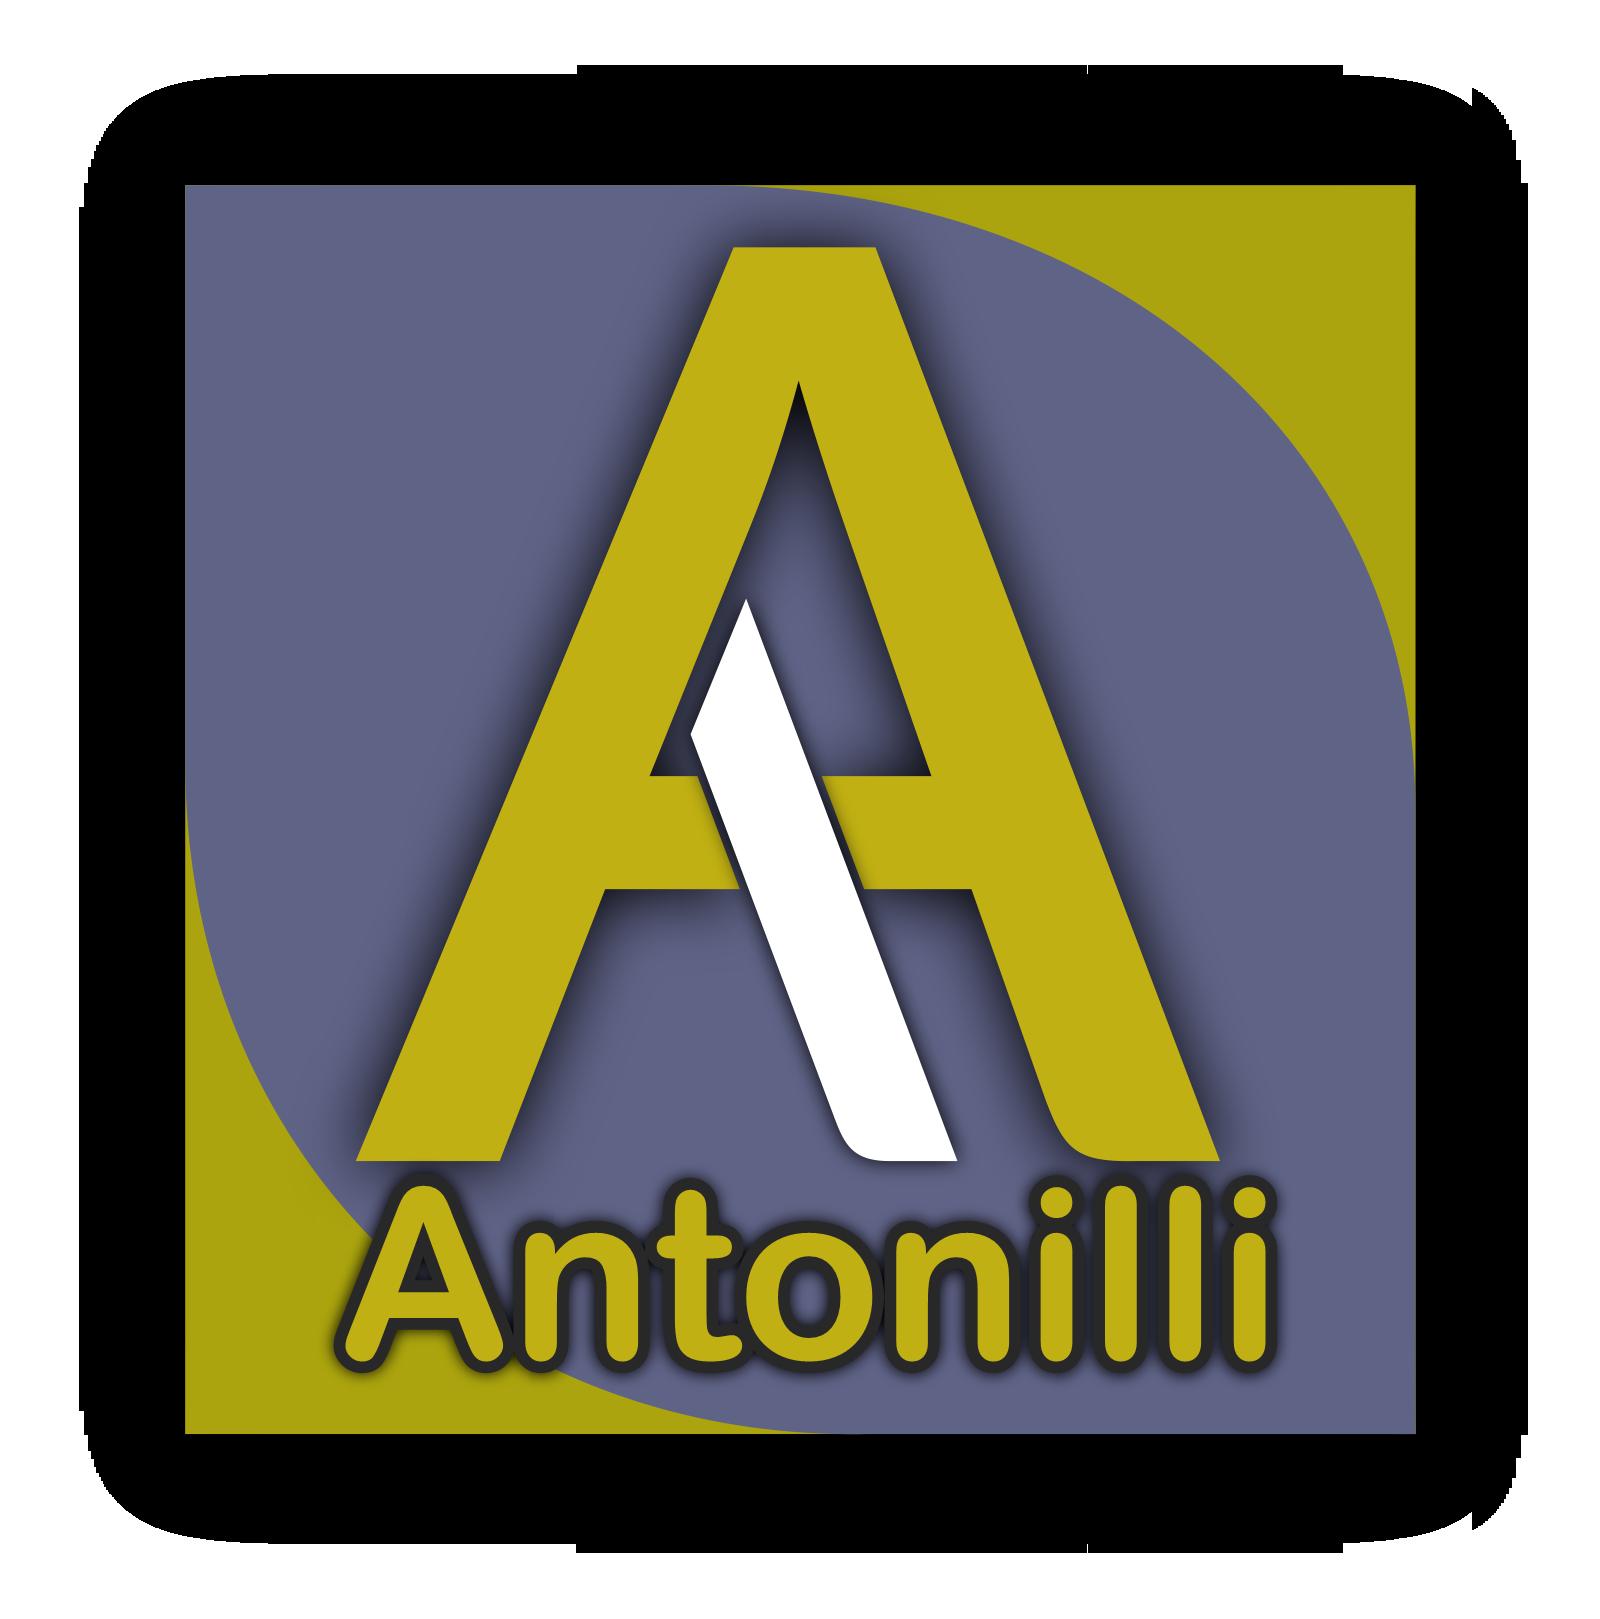 Agustín Antonilli